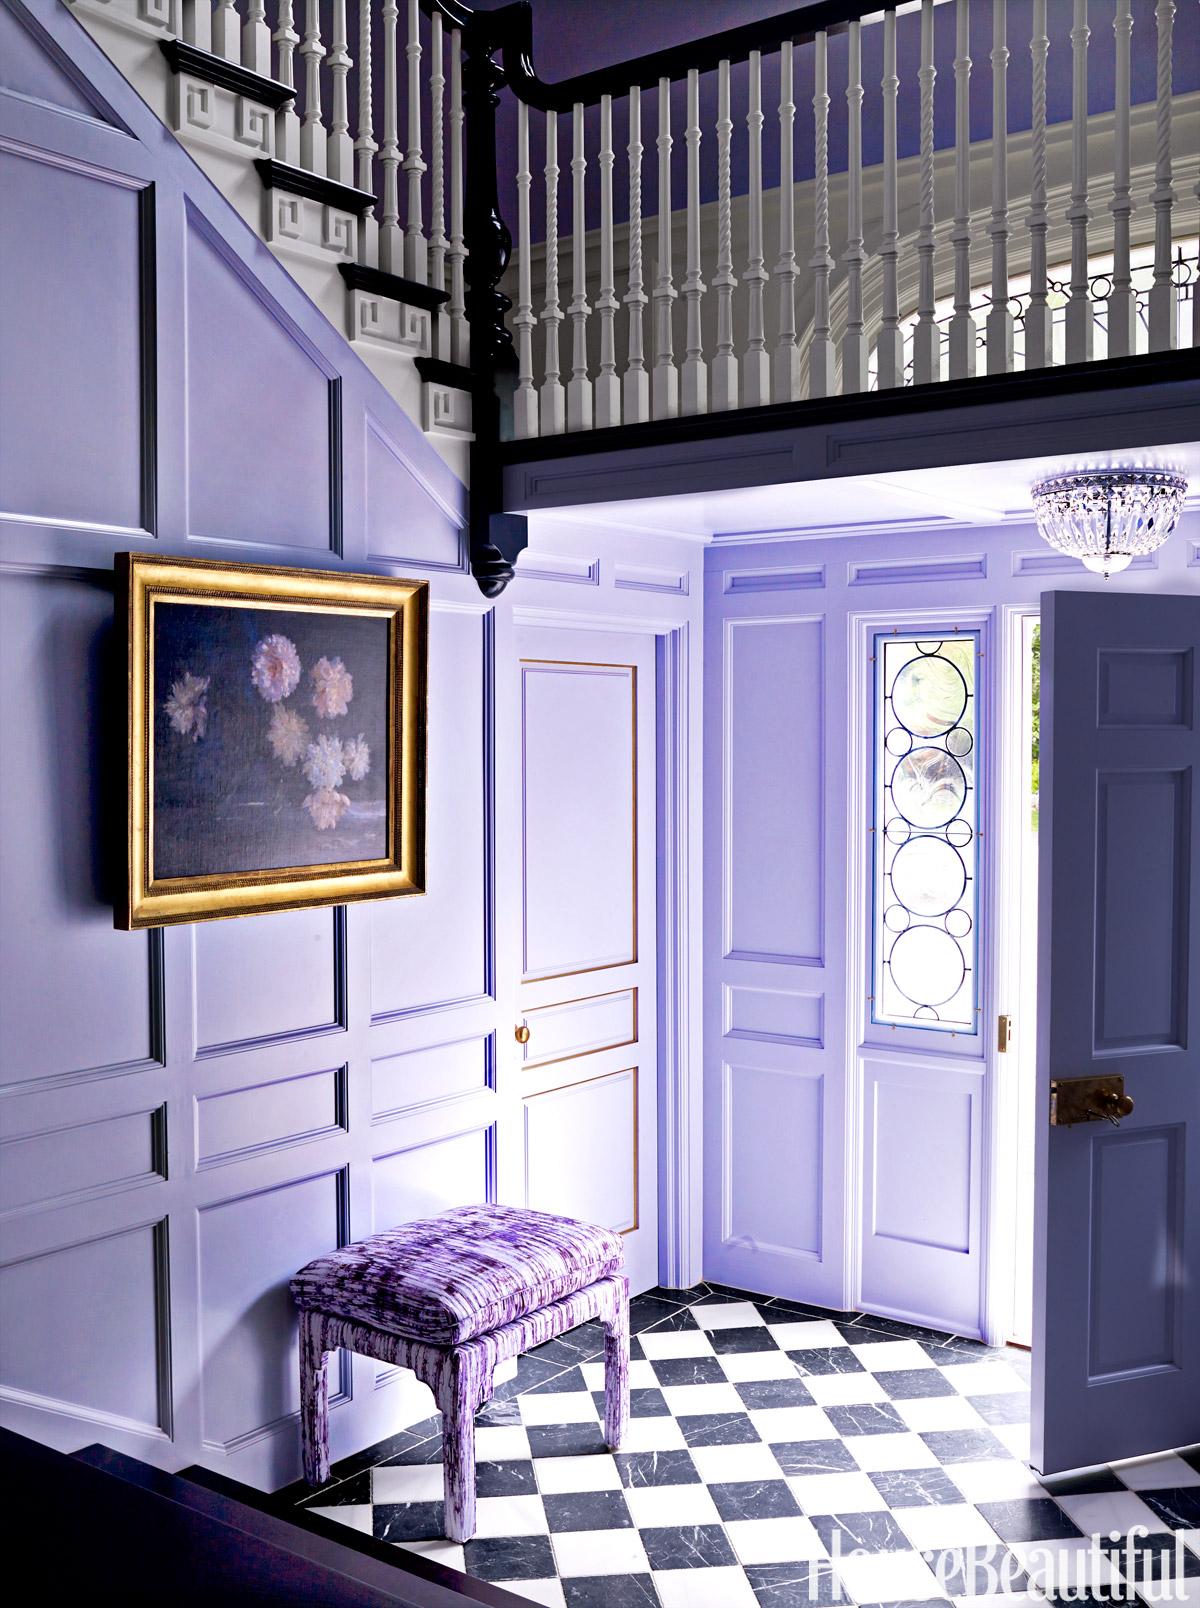 03-hbx-lavender-entry-hall-0315.jpg